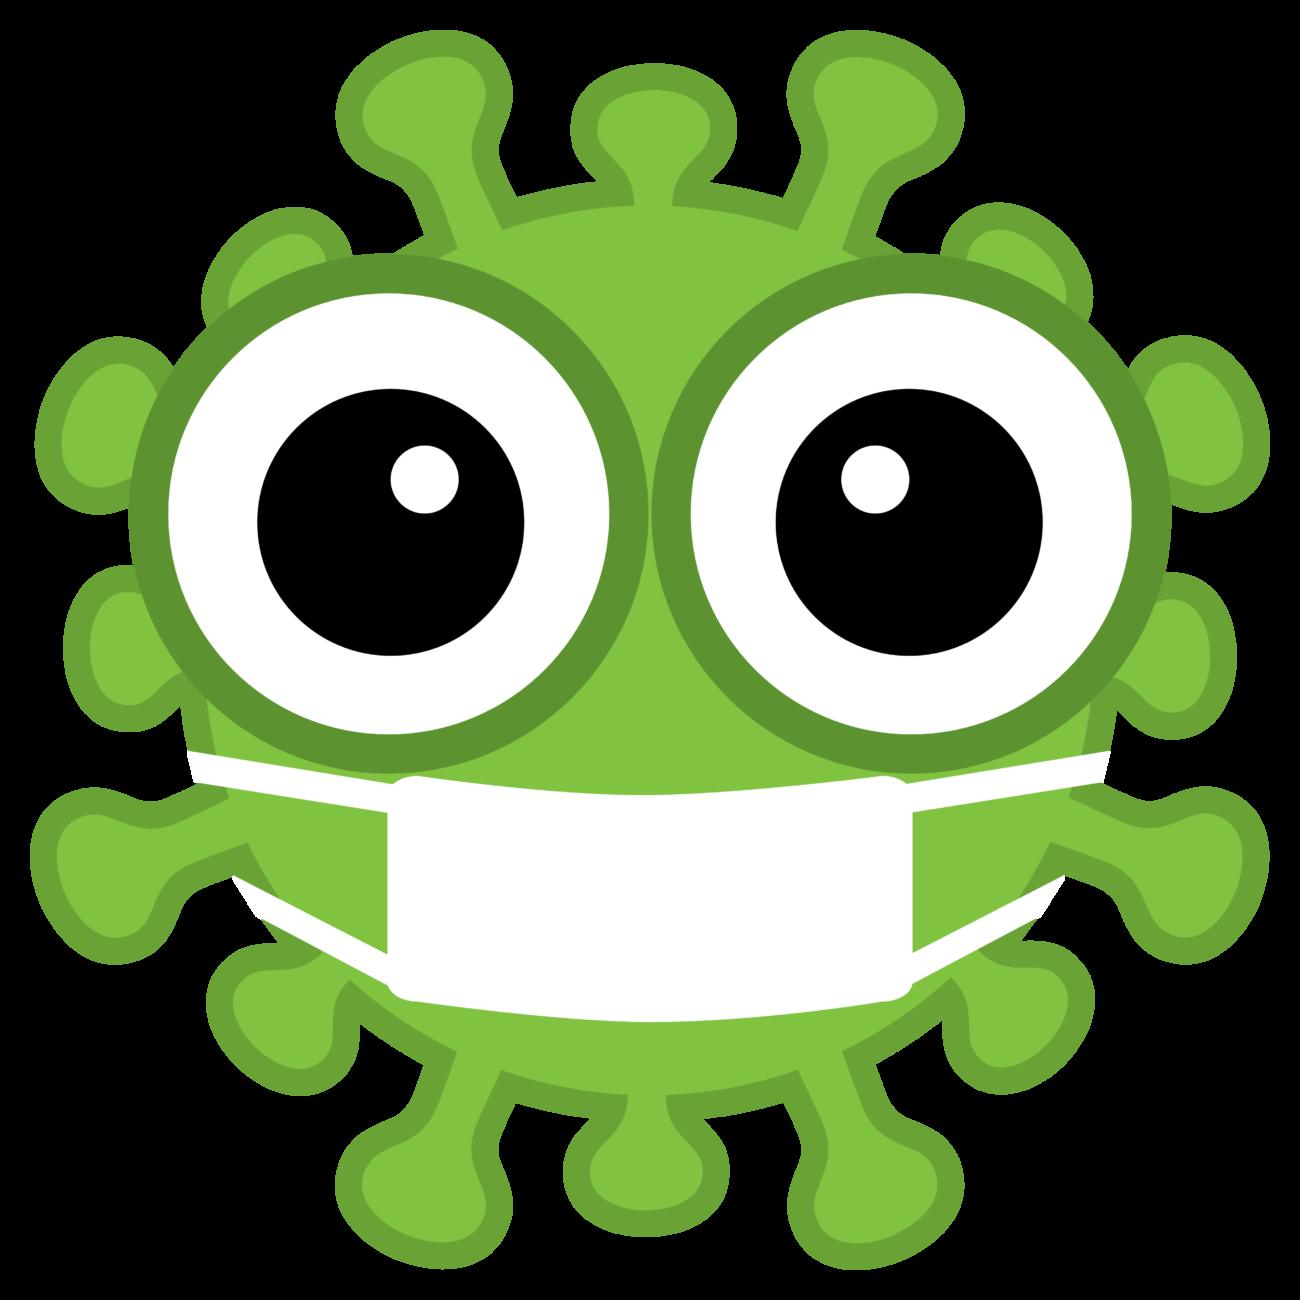 Gratis Download von iXimus.de: Coronavirus, grün, Kotur extra-fett, mit Mundschutz/Atemmaske, Corona, Covid-19, Virus, SARS-CoV-2, freigestellt, Vektor-Datei, #000177